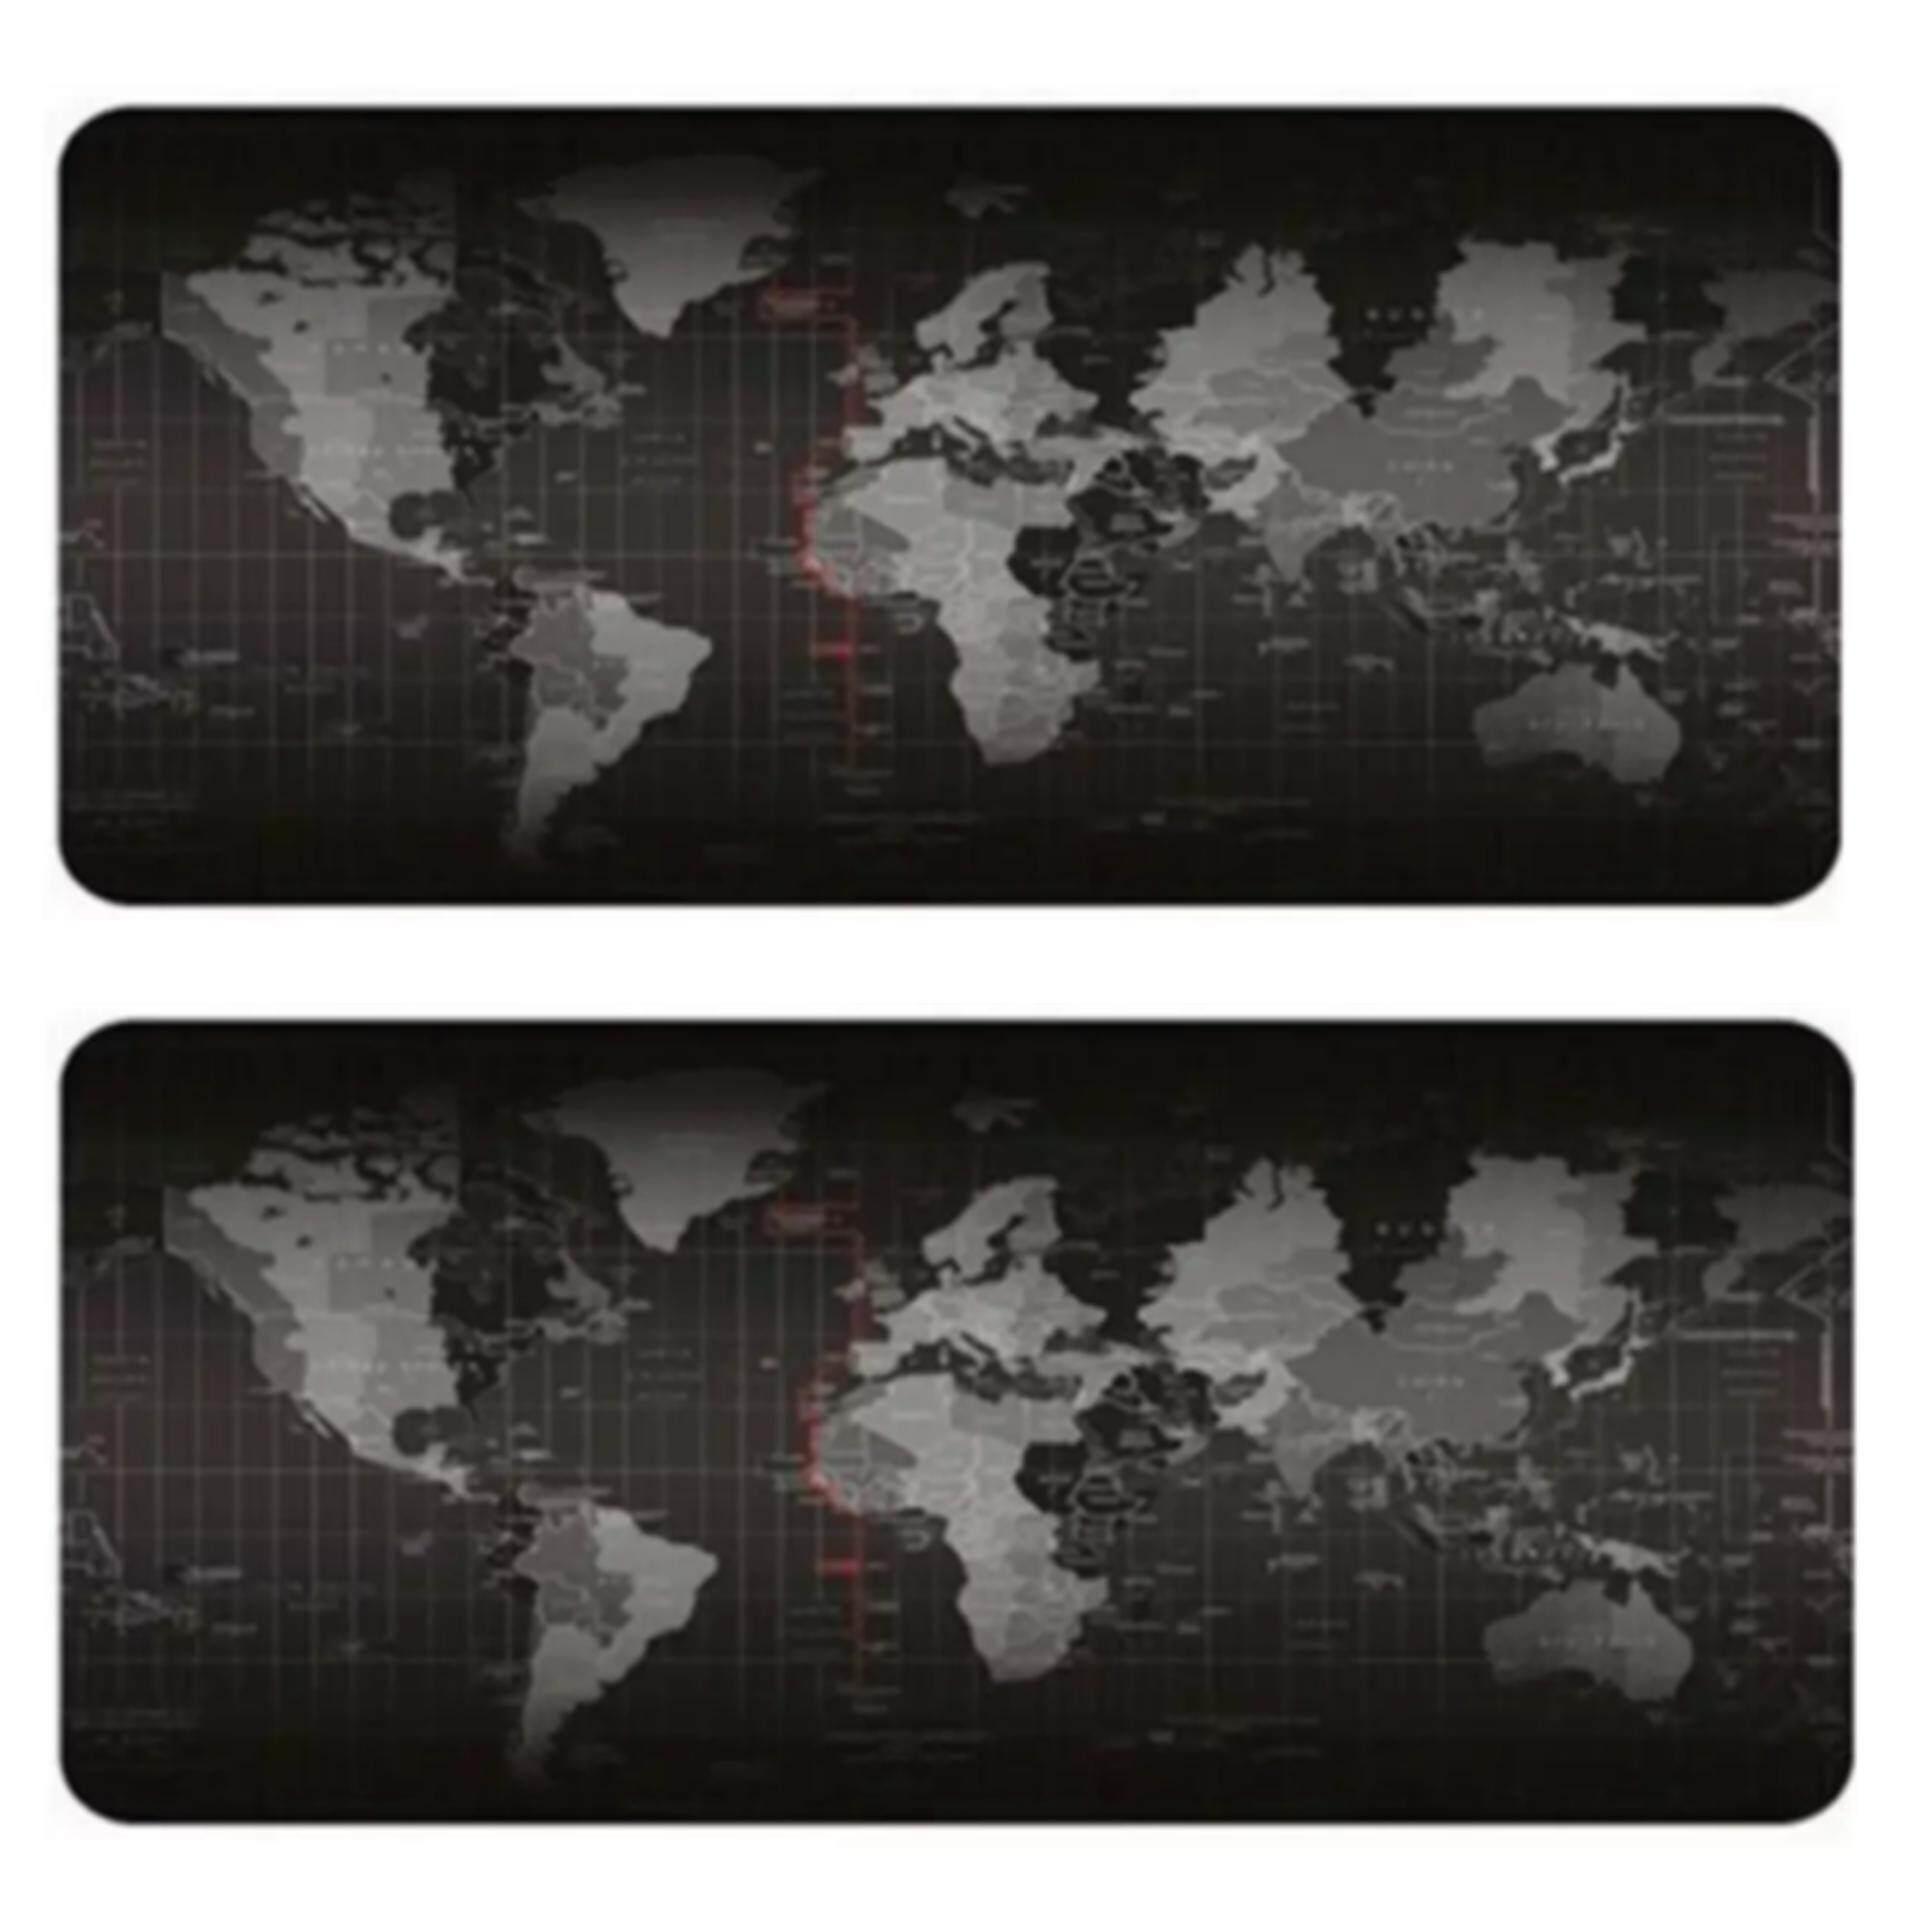 แผ่นรองเมาส์ ออกแบบแผนที่โลก Big Size. 80 X 30 Cm. Mouse Pad 2ชิ้น.